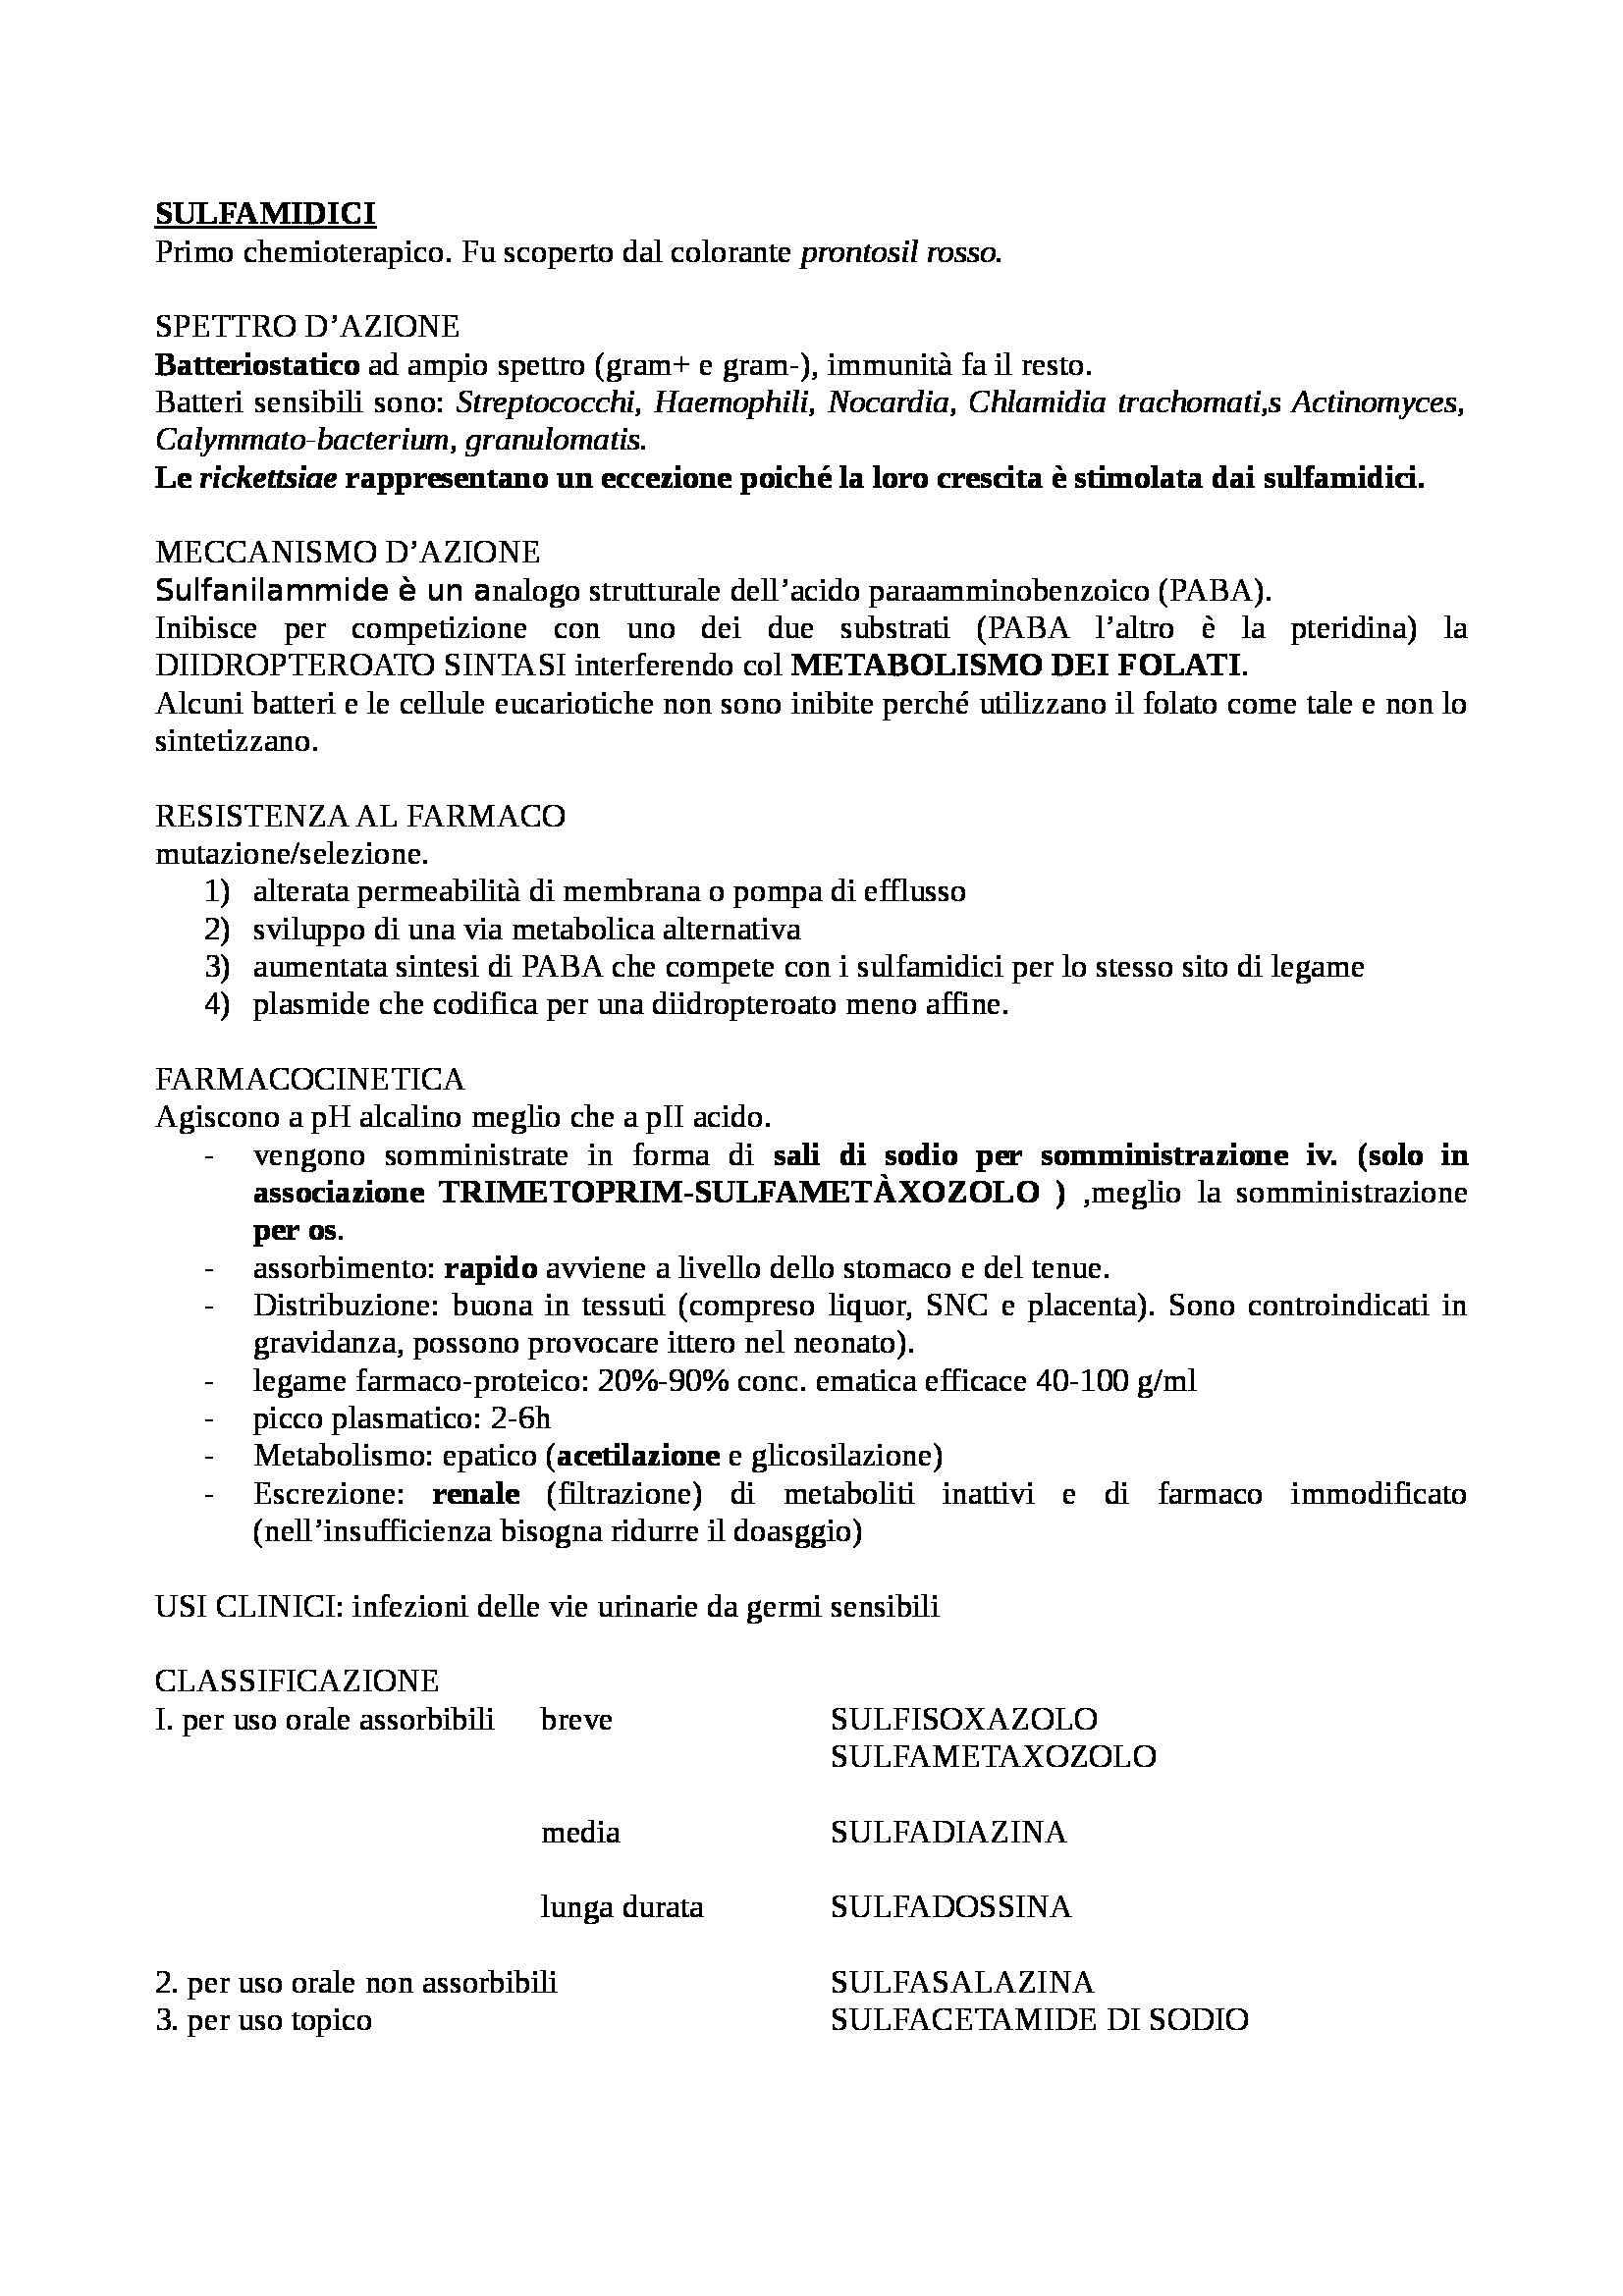 Farmacologia e tossicologia - schema sui sulfamidici Trimetoprim